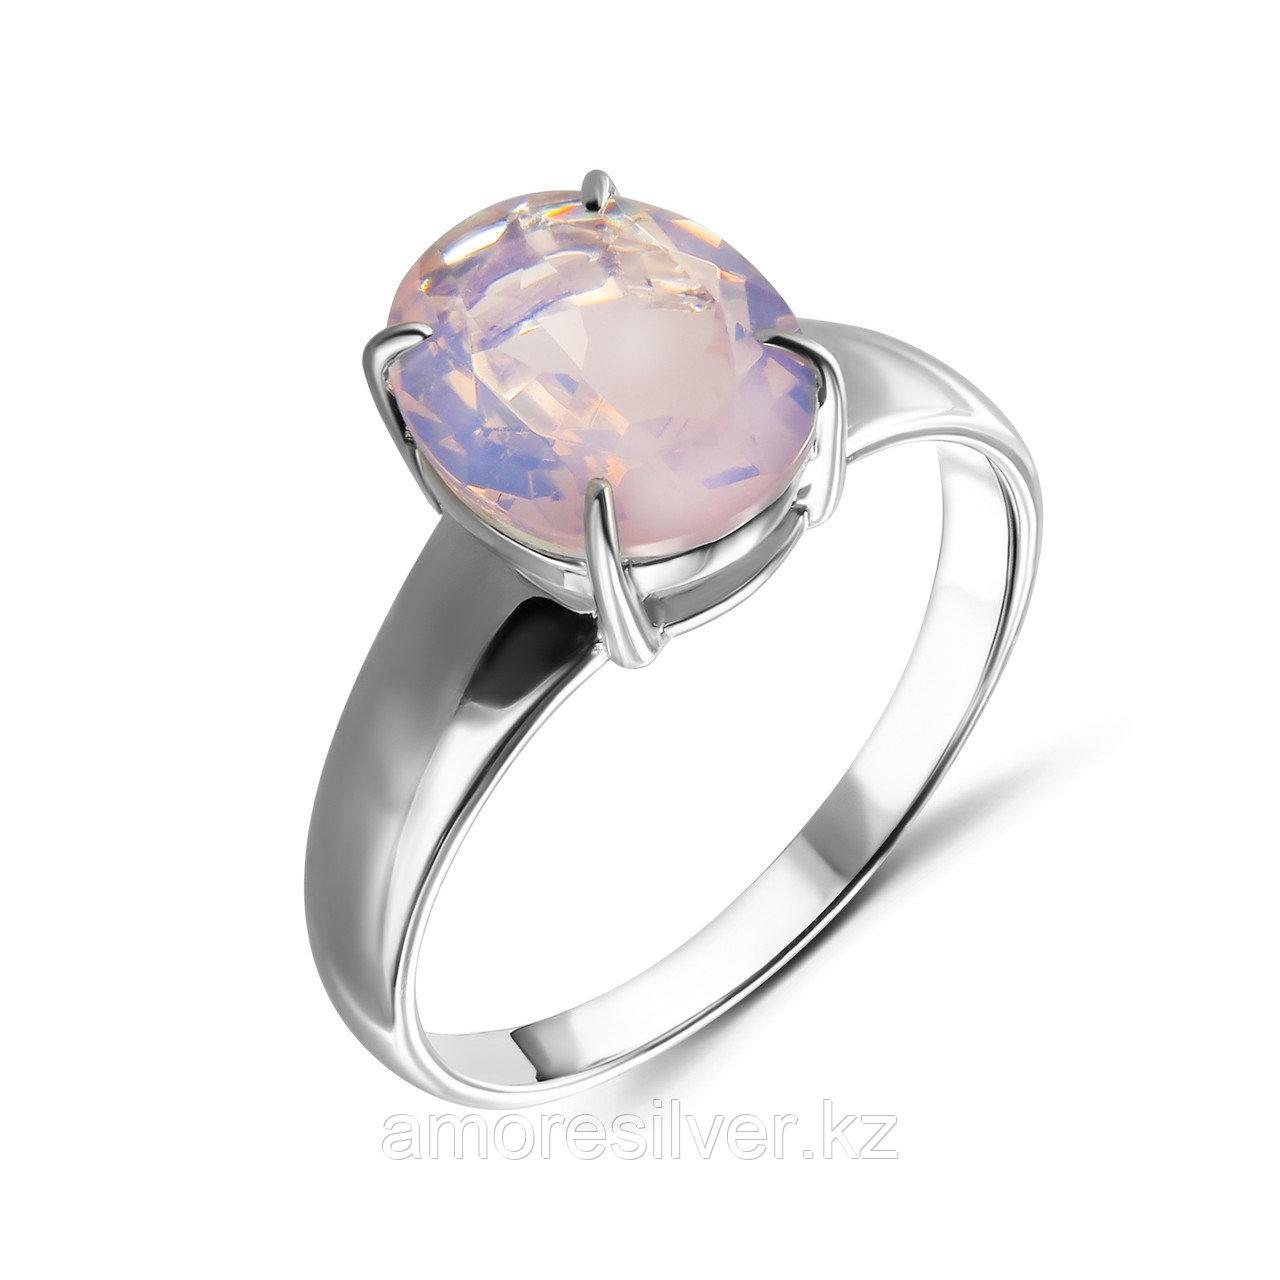 """Кольцо Teosa серебро с родием, фианит, , """"каратник"""" 1000-0398-PML размеры - 17,5"""